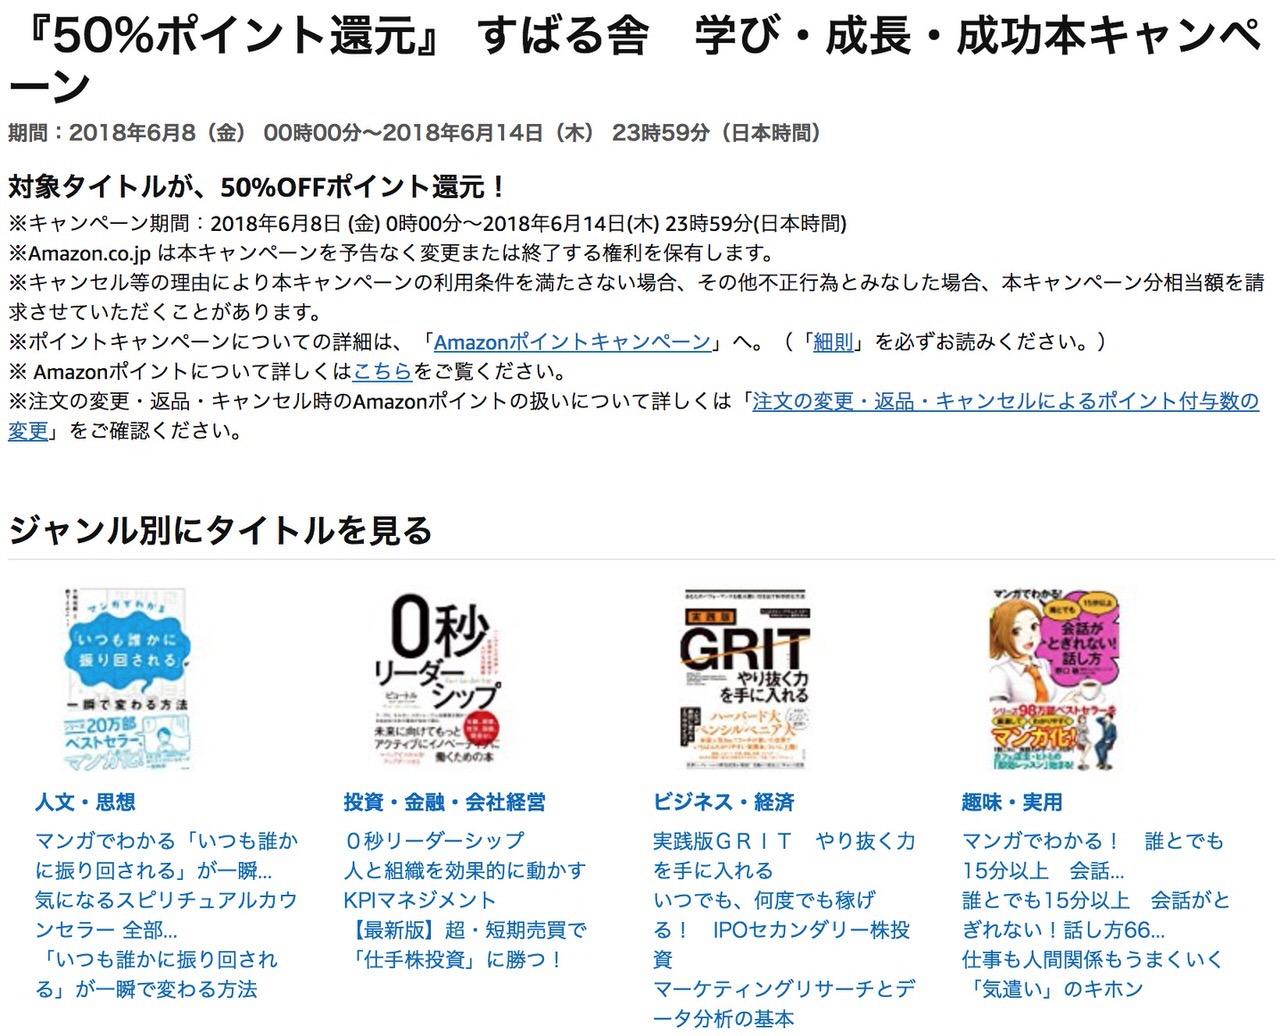 【Kindleセール】50%ポイント還元「すばる舎 学び・成長・成功本キャンペーン」(6/14まで)